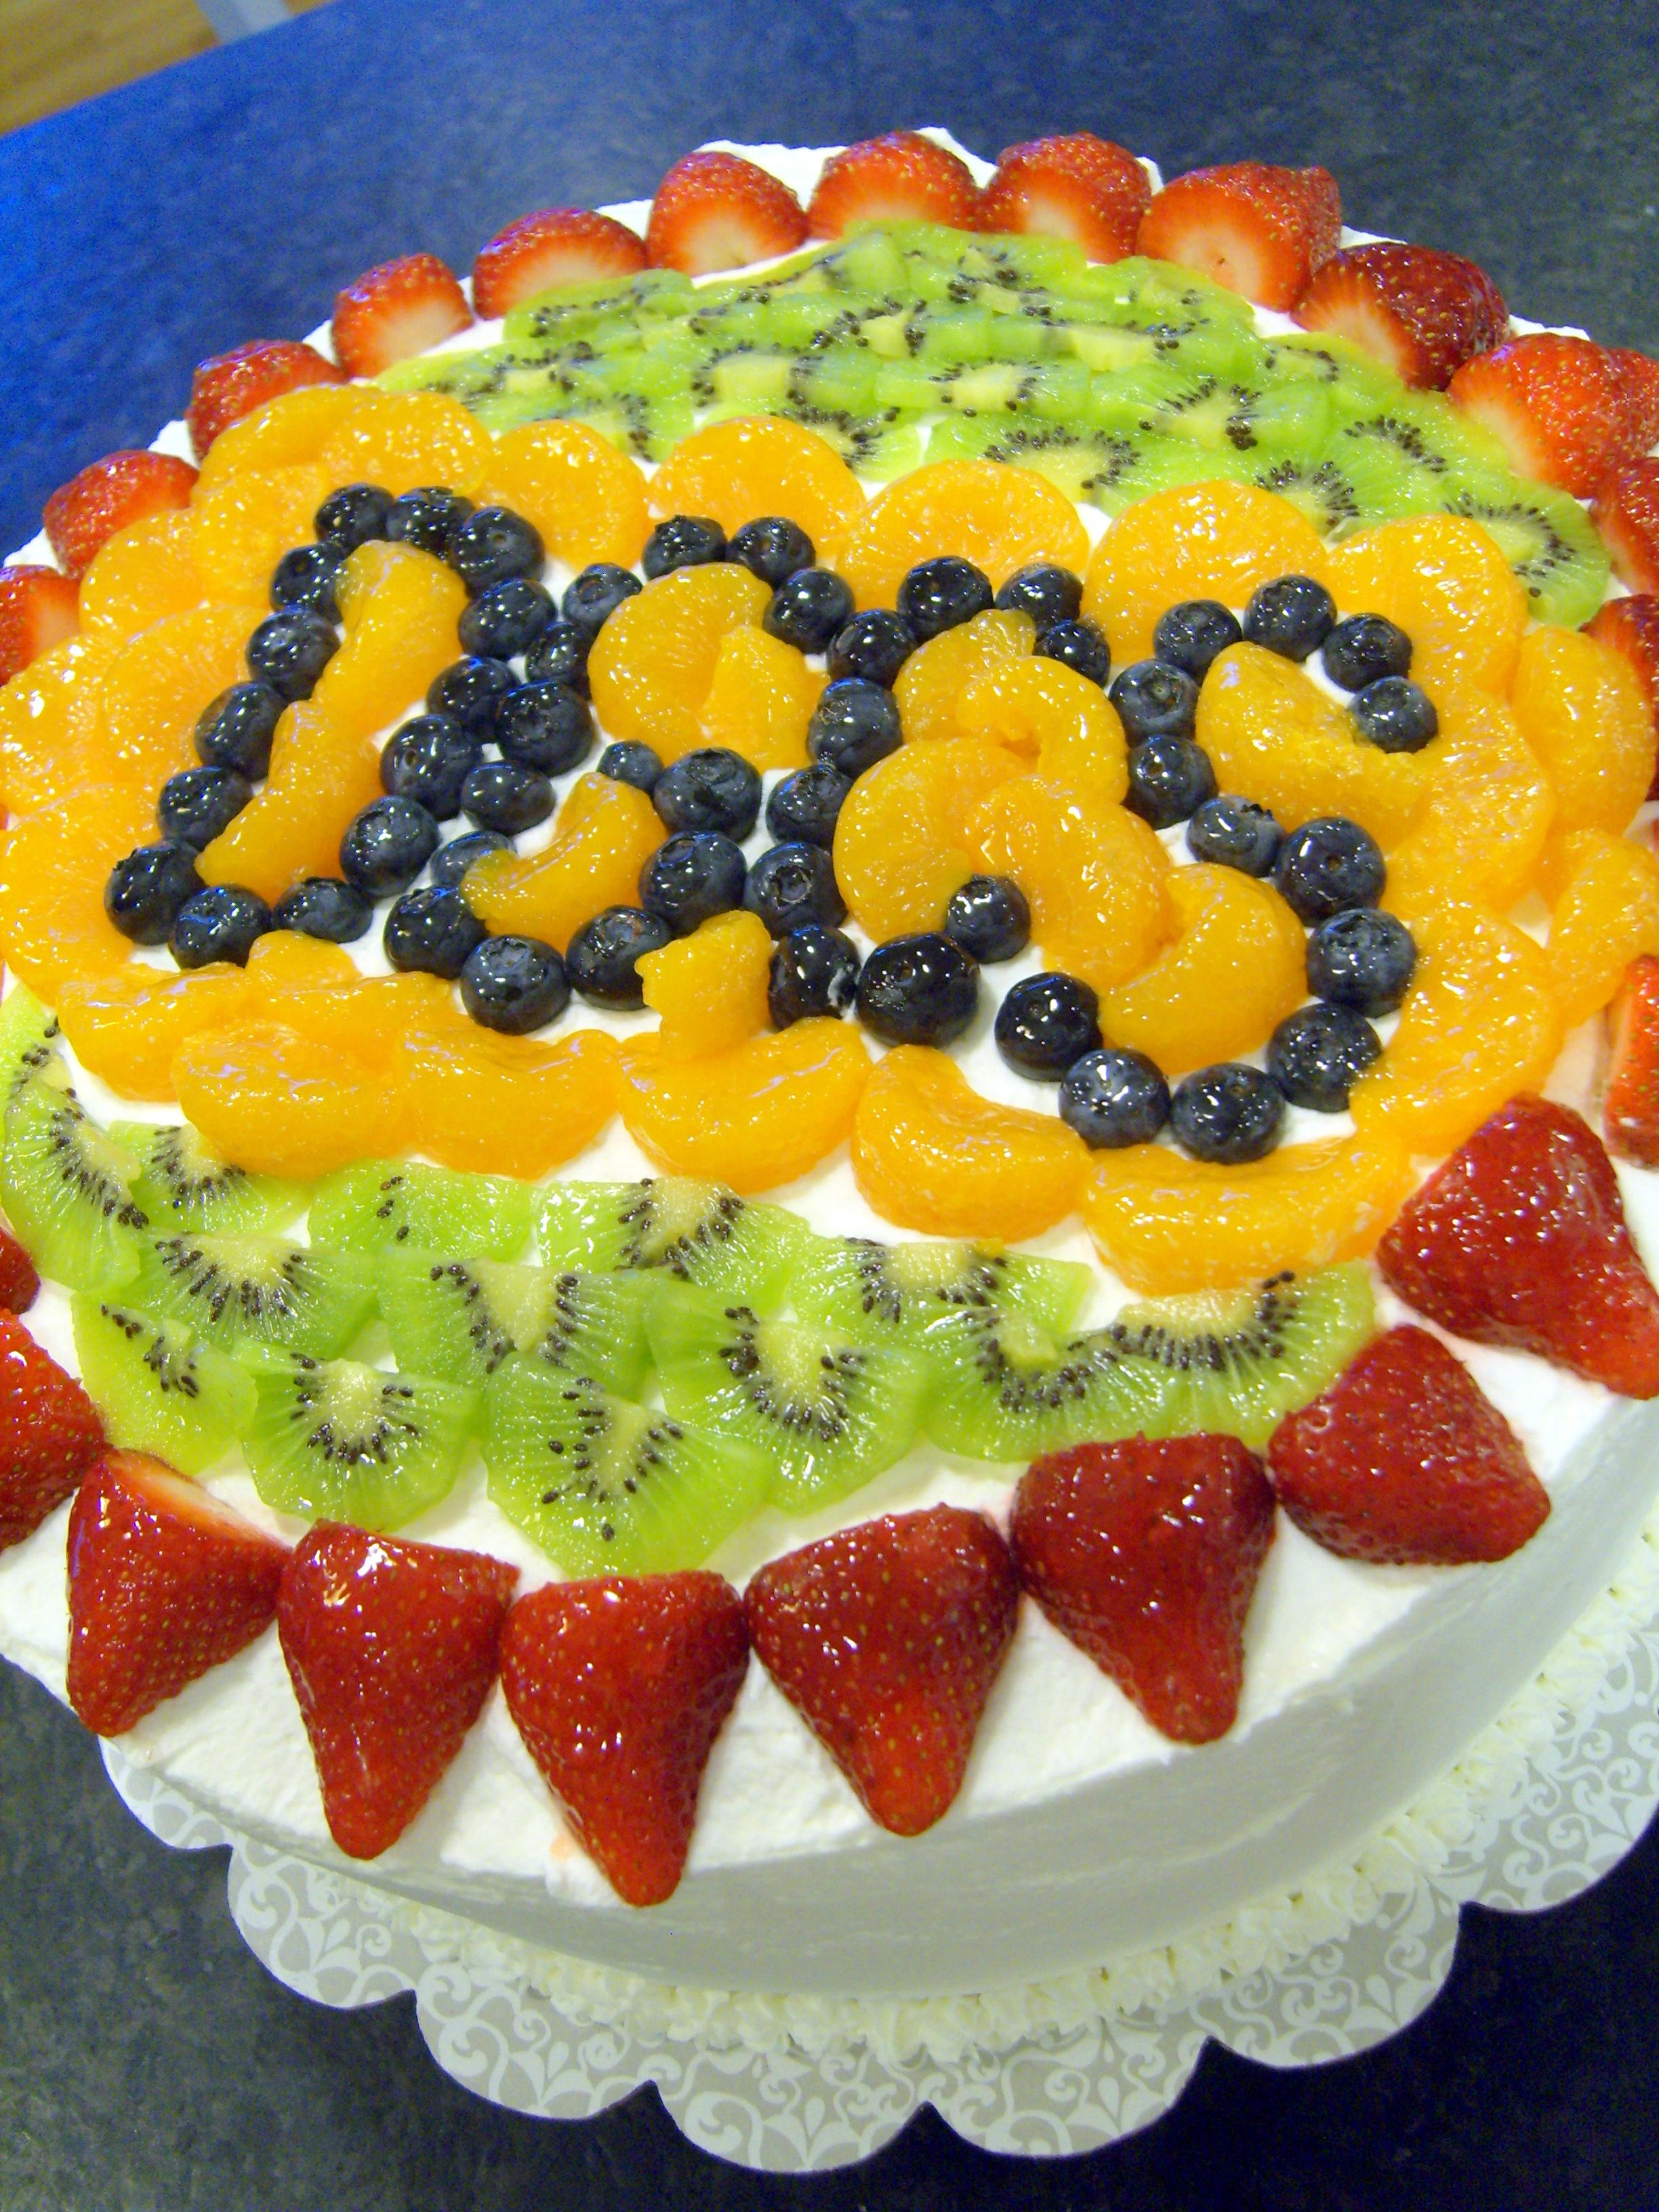 تزیین کیک با میوه های تابستانی